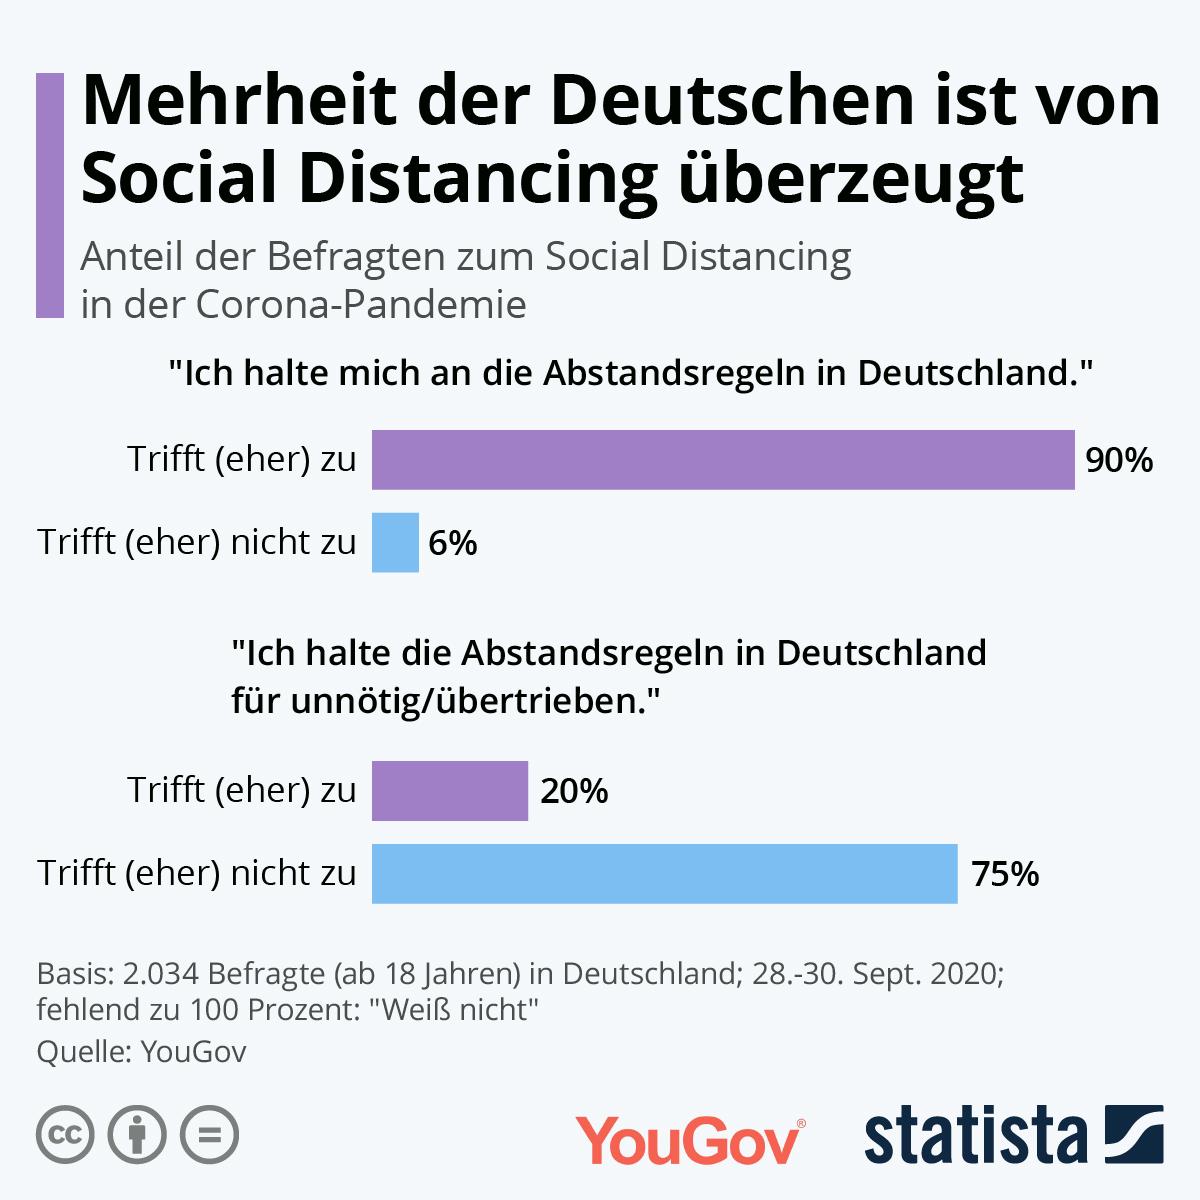 Mehrheit ist für Social Distancing